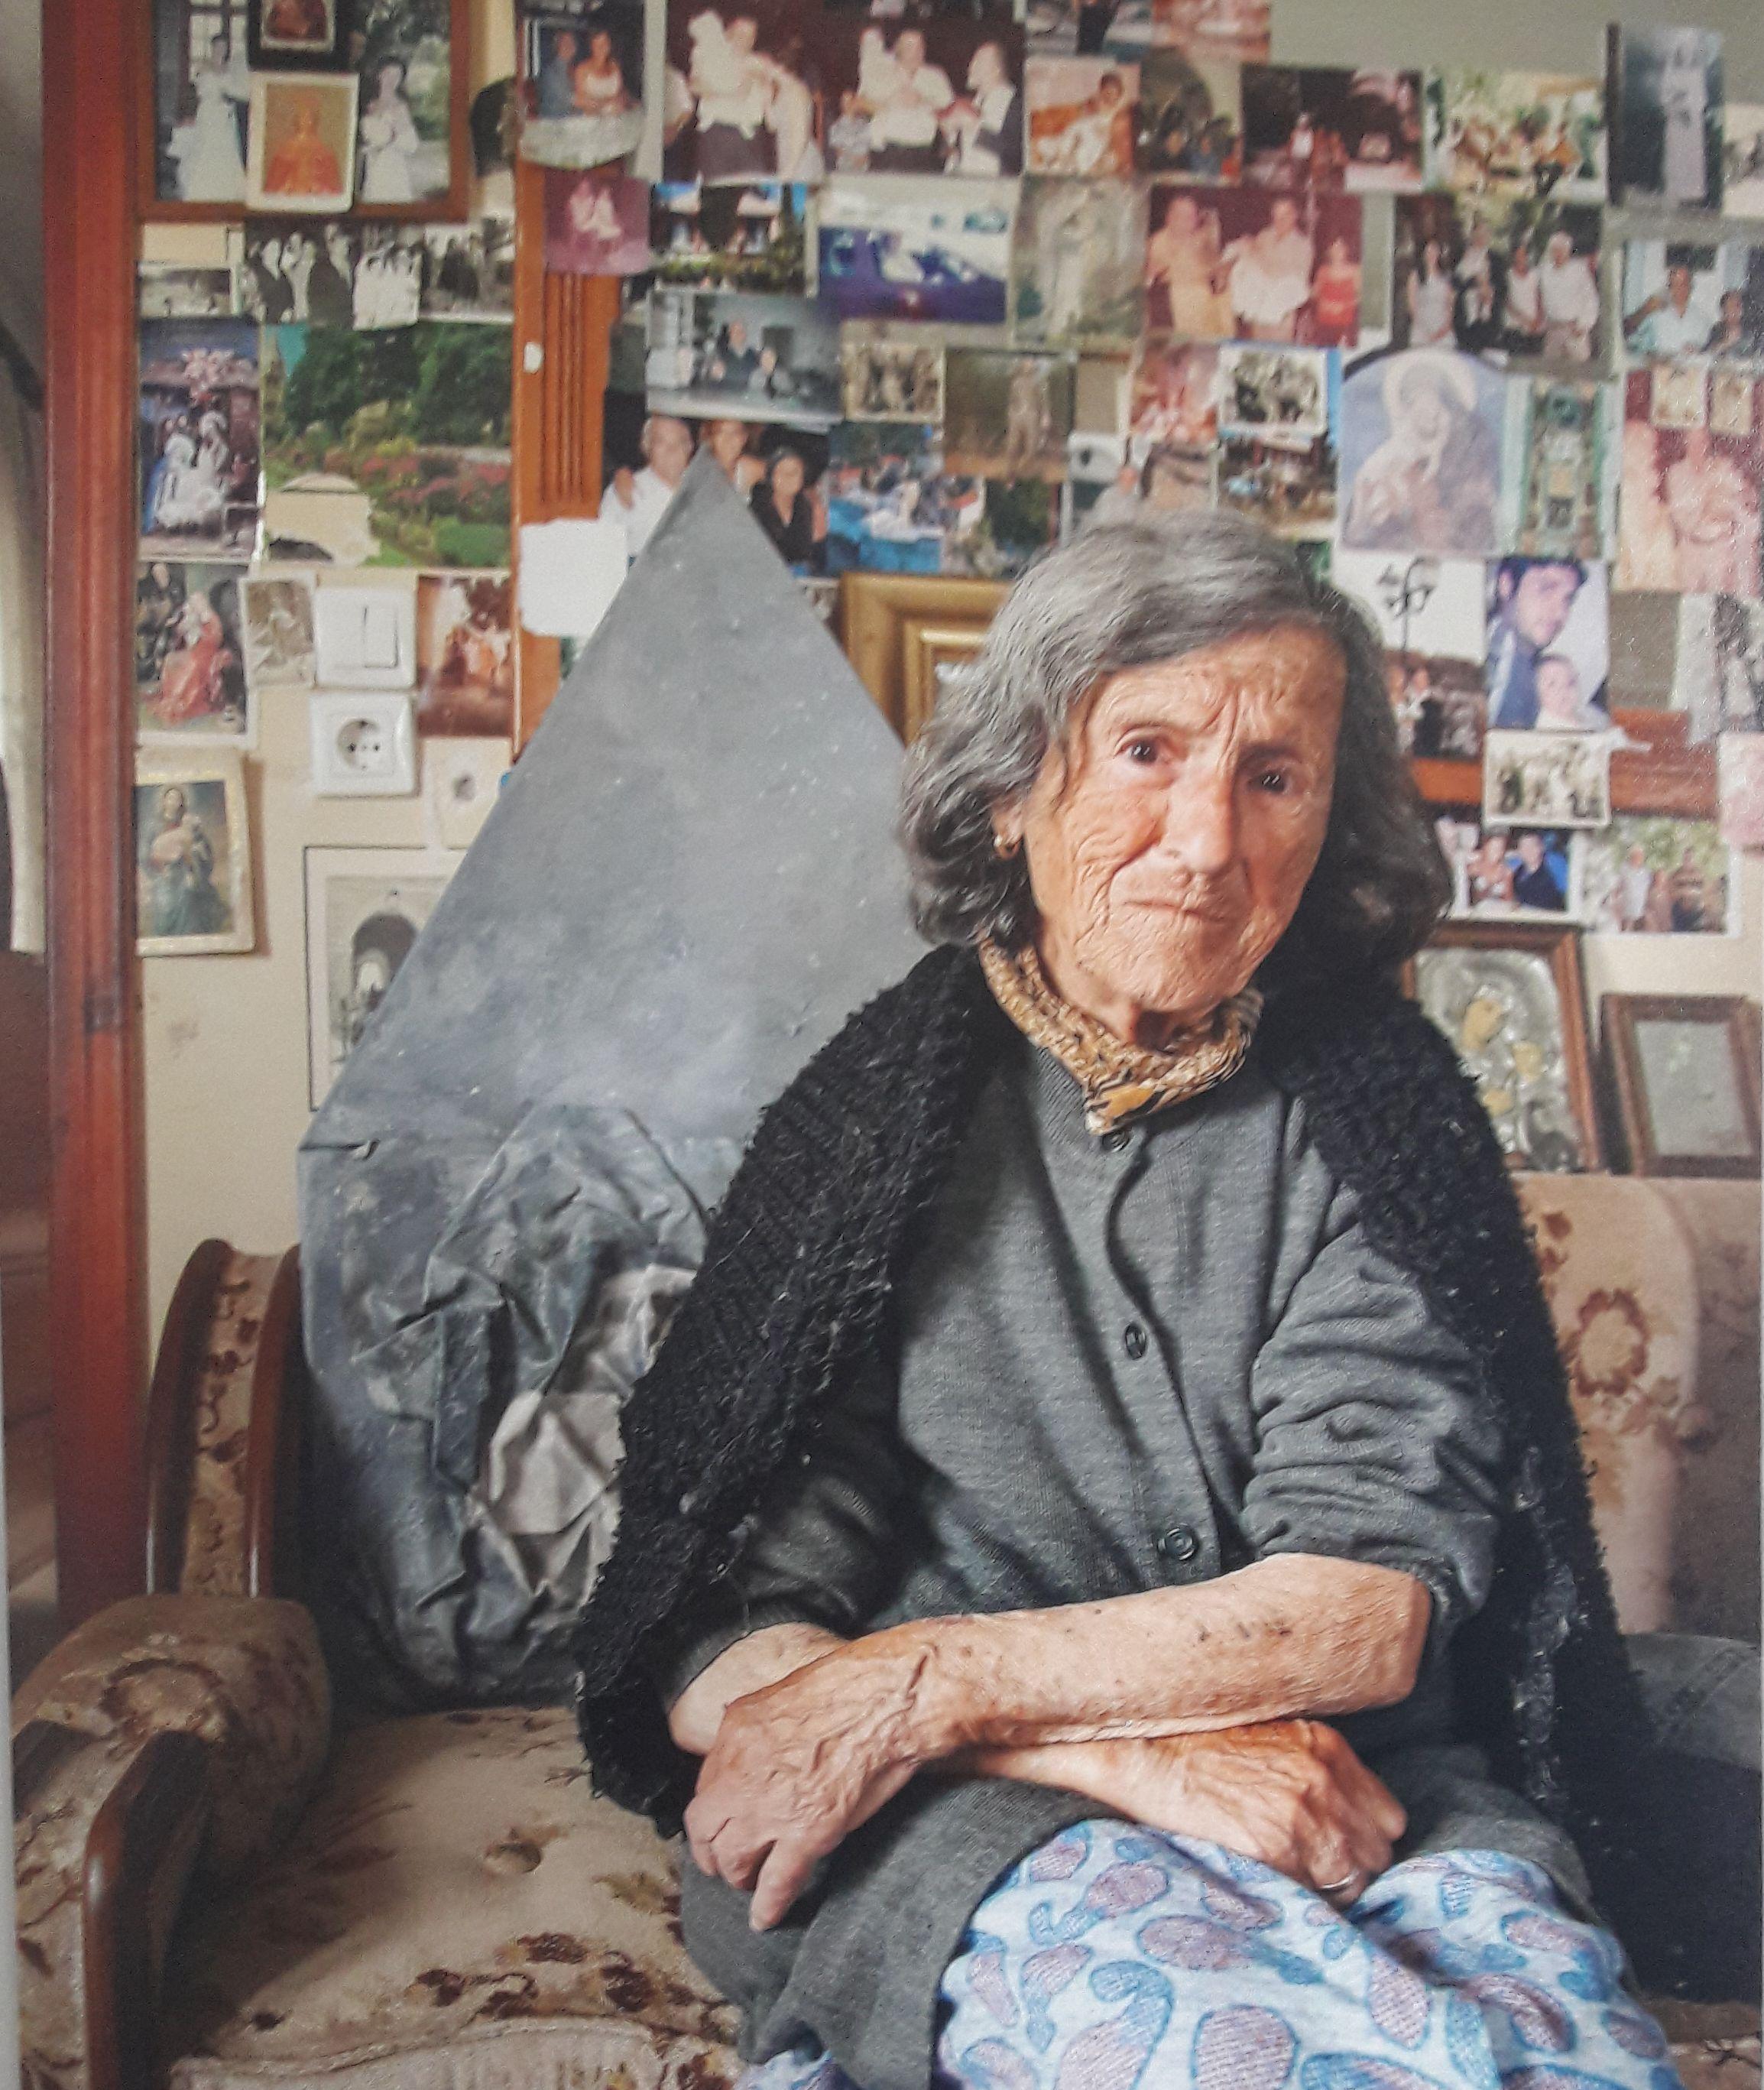 Έκθεση φωτογραφίας Άρτεμις Αλκαλάη: Έλληνες Εβραίοι επιζώντες από το Ολοκαύτωμα